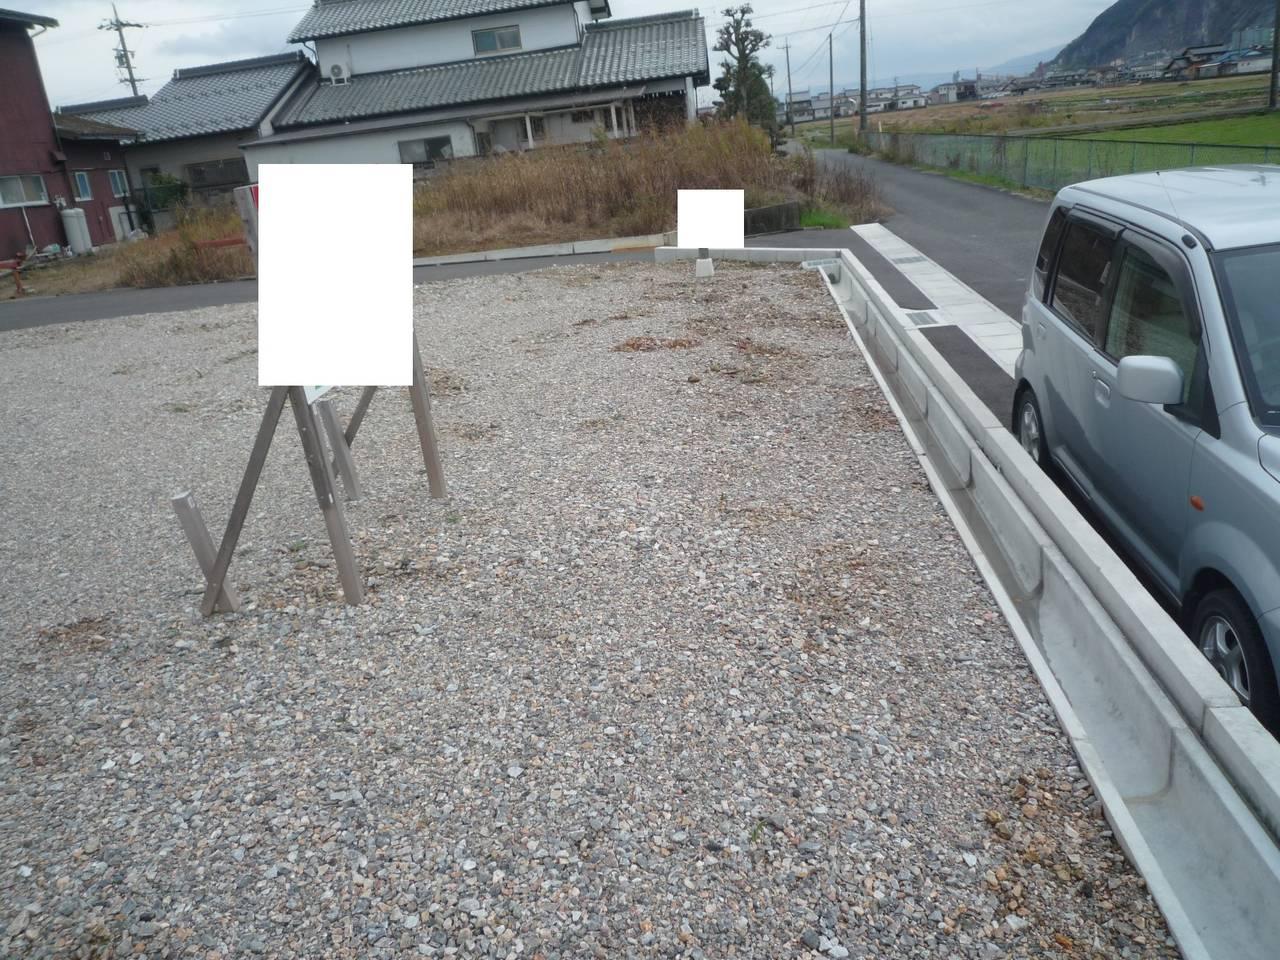 物件西側境界線 北から南方向に撮影